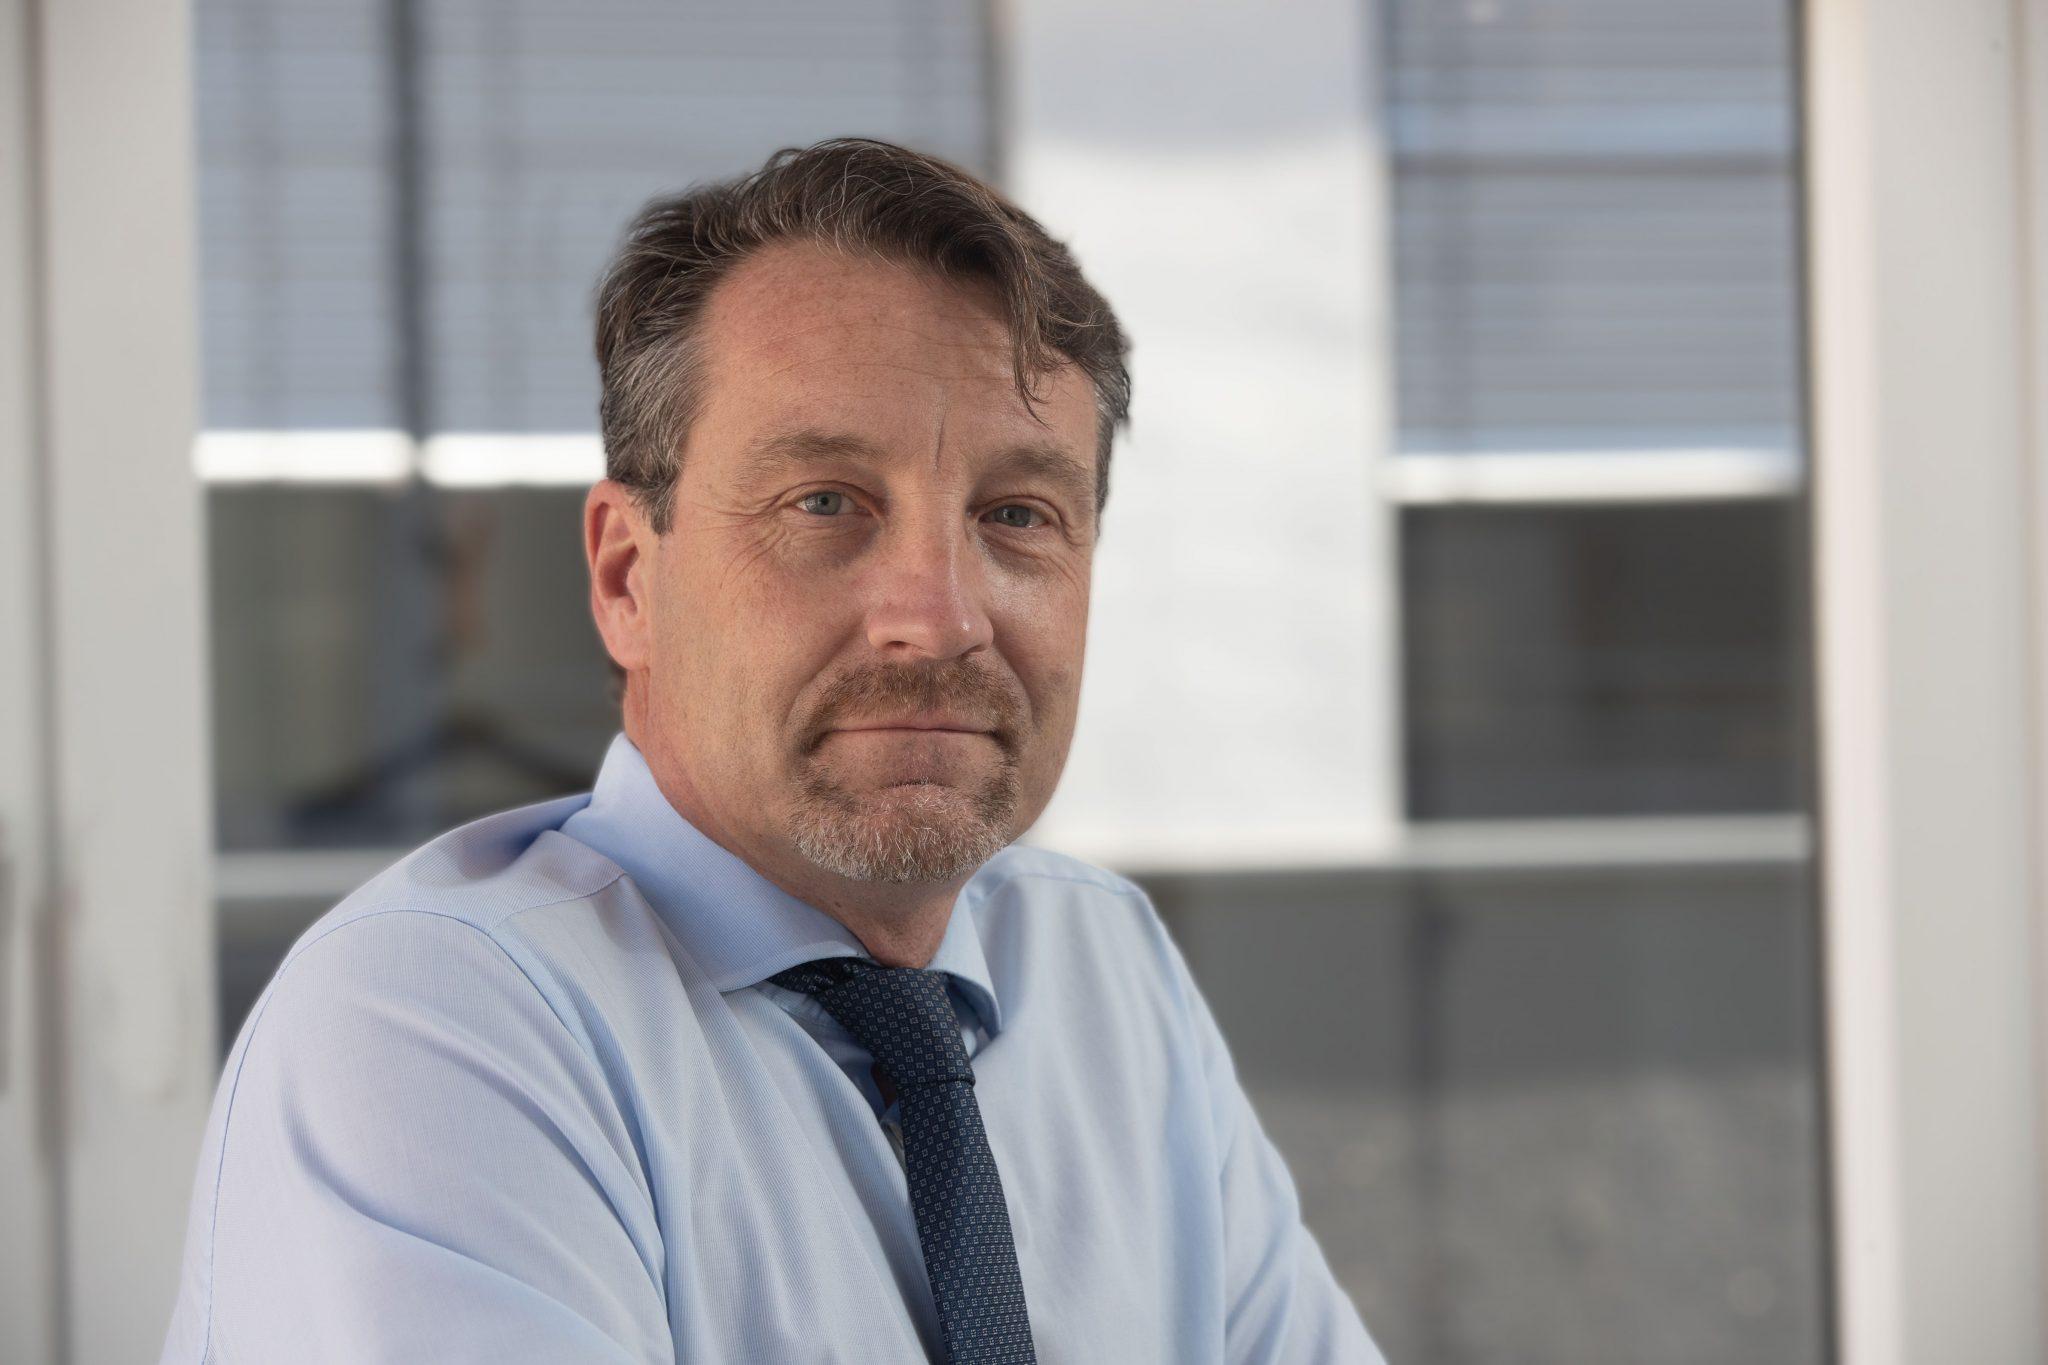 Dr. Gerd Meier zu Köcker vom Berliner Institut für Innovation und Technik, Urheber: Dr. Gerd Meier zu Köcker